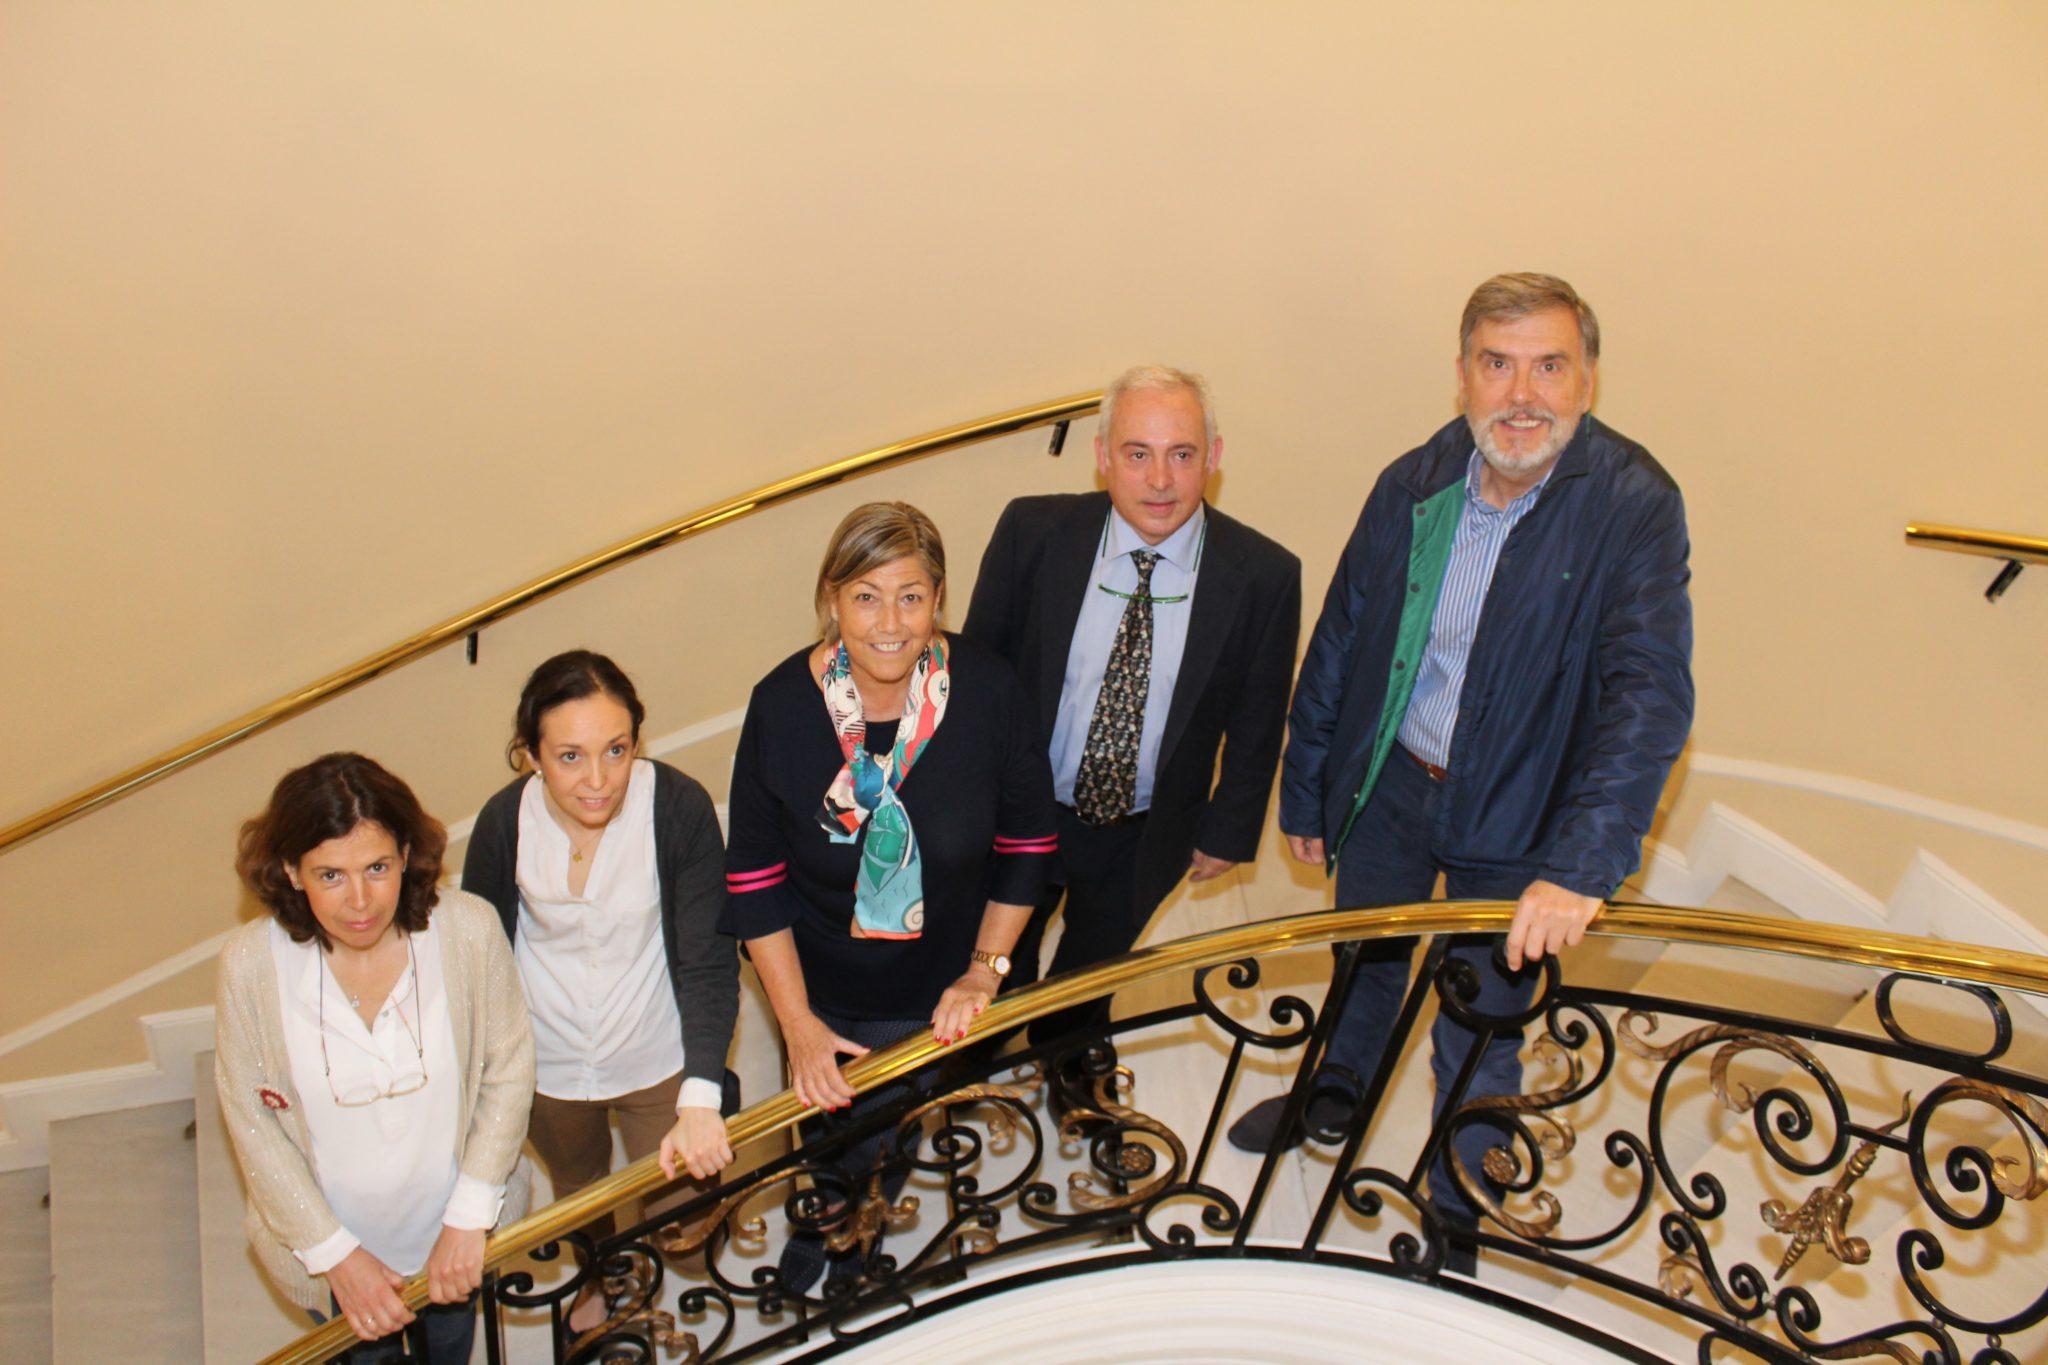 Los pediatras de Atención Primaria de Navarra presentan un documento consensuado de propuestas ante el deterioro progresivo de la asistencia pediátrica.